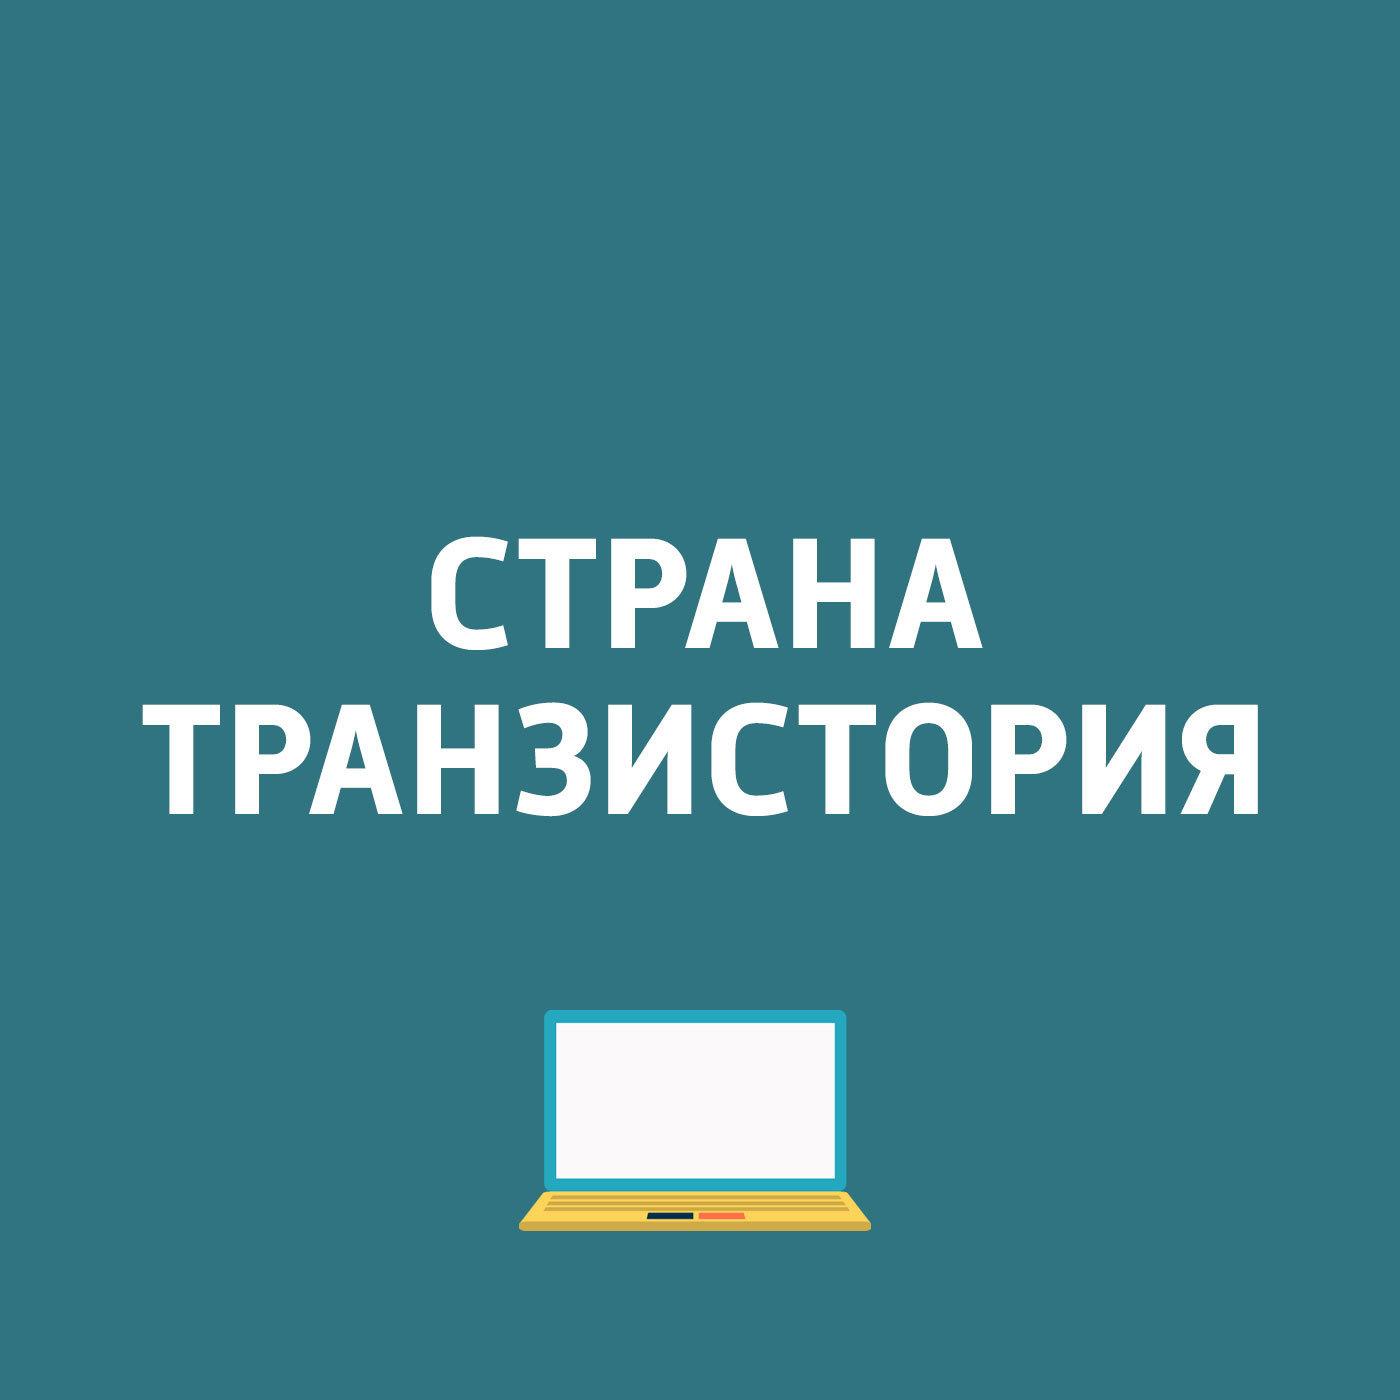 Картаев Павел Android 8.0 получила название Oreo; Предварительный заказ на Microsoft Xbox One X открыт в России картаев павел система распознавания речи microsoft достигла человеческого уровня